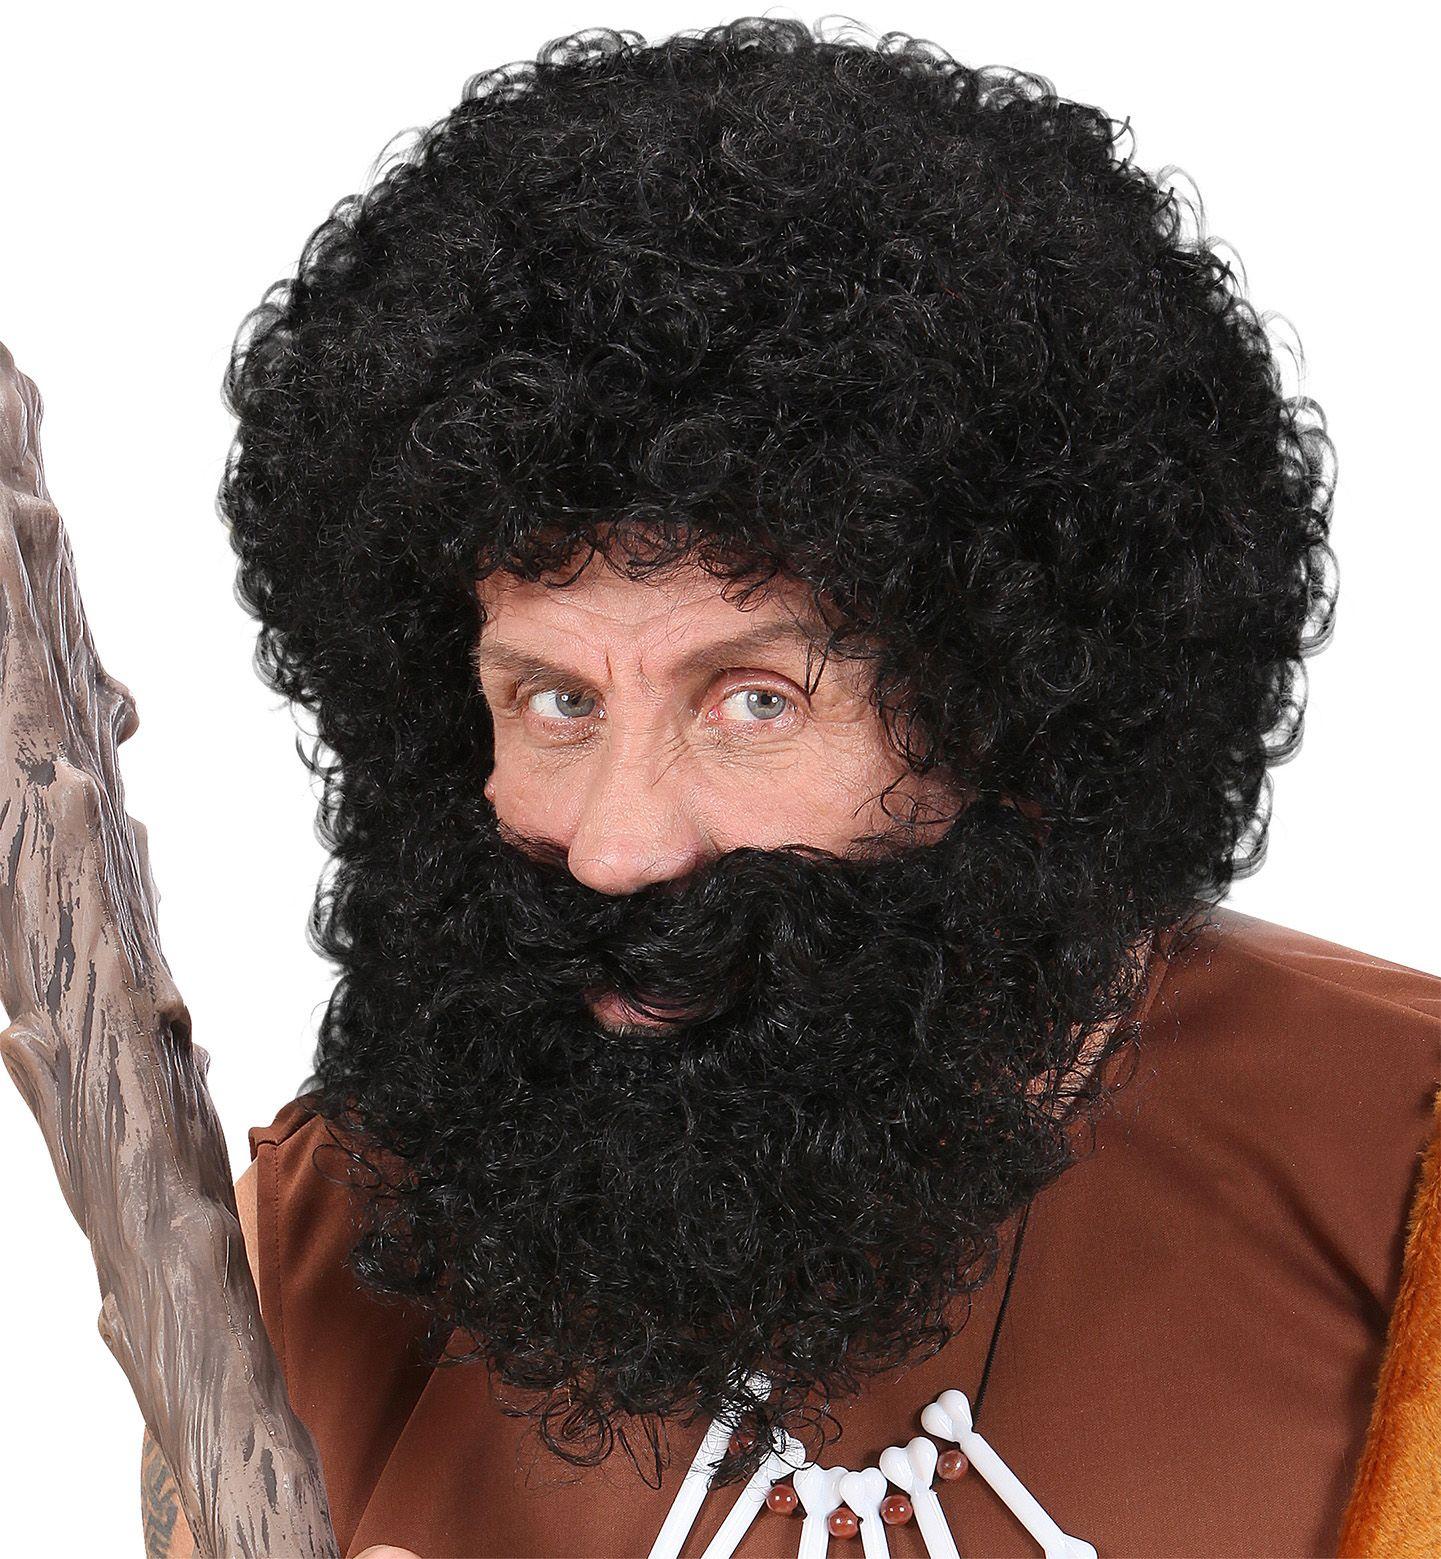 Zwarte pruik met snor en baard